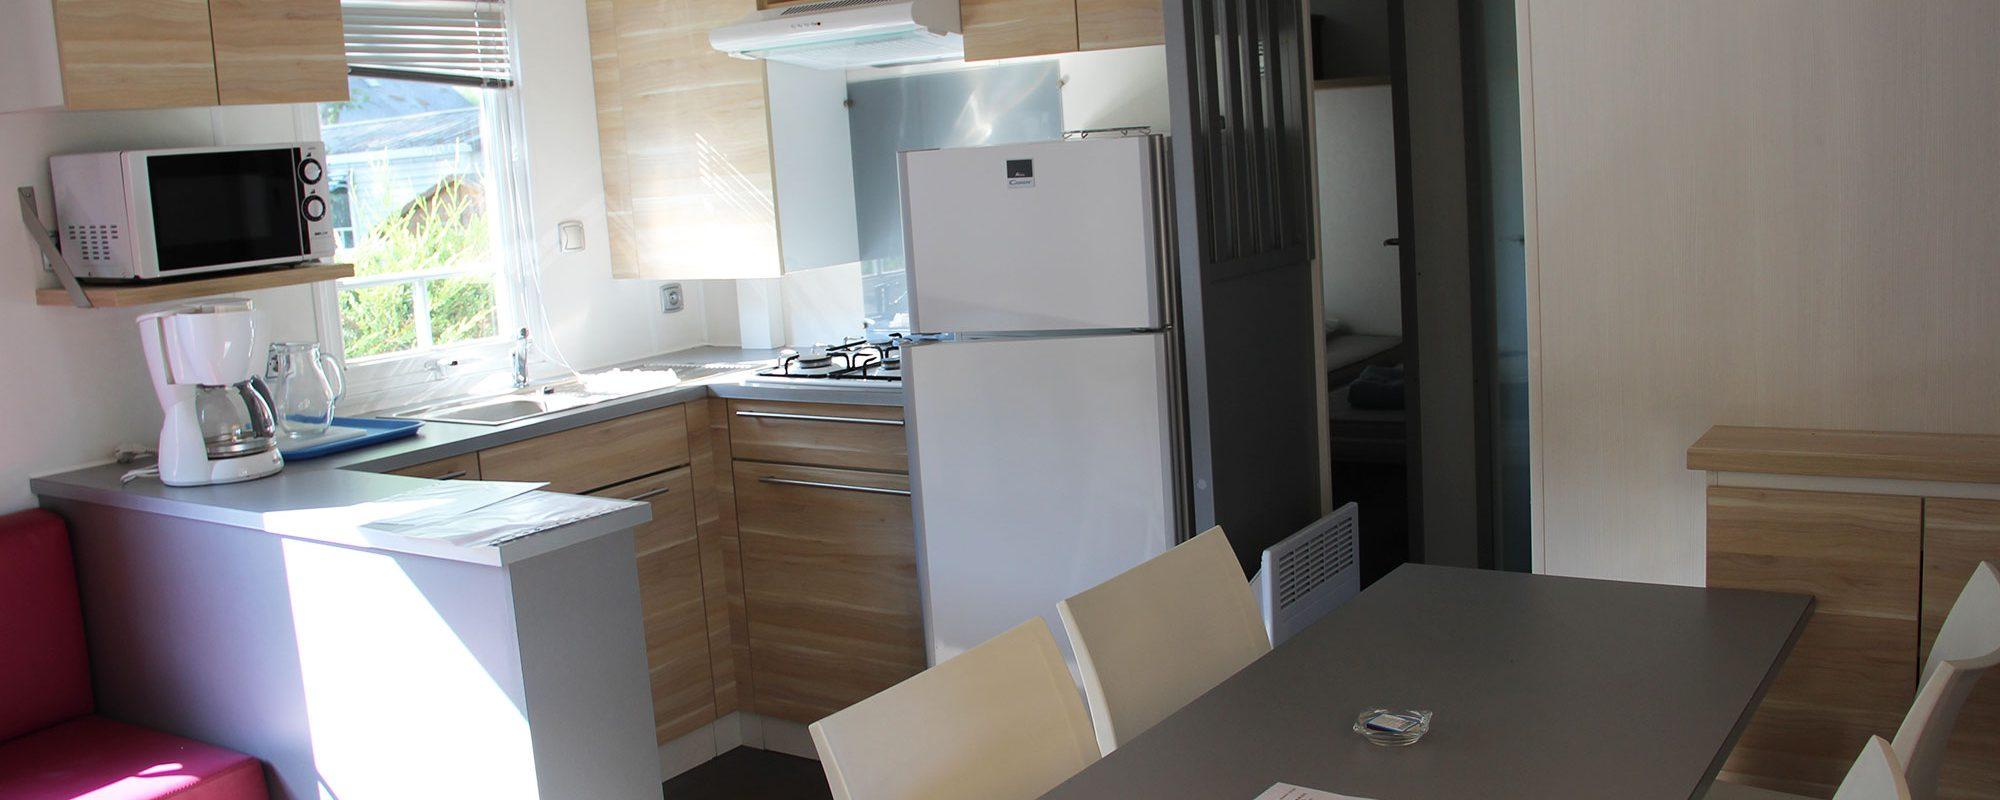 de mobilhome confort Loire Atlantique : cuisine